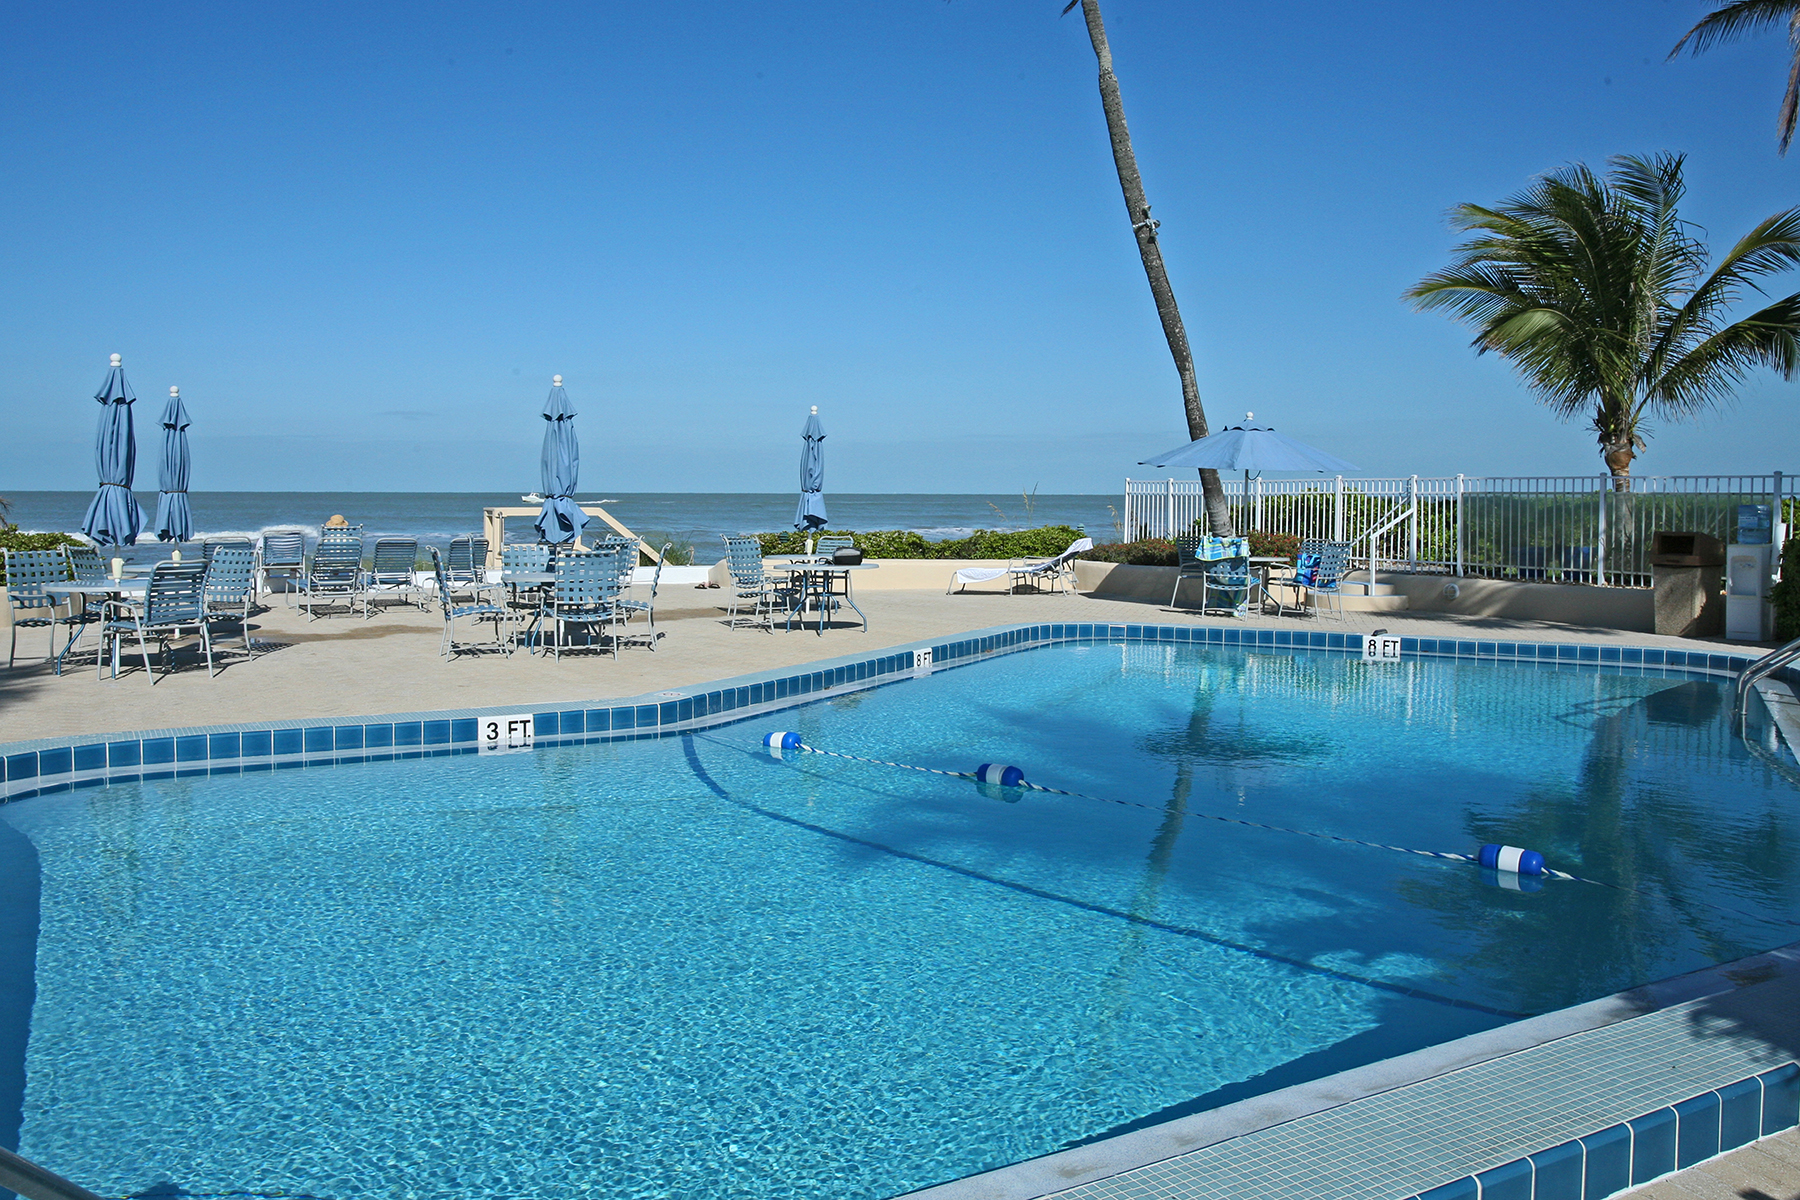 Condominium for Sale at Naples 1065 Gulf Shore Blvd N 315, Naples, Florida 34102 United States